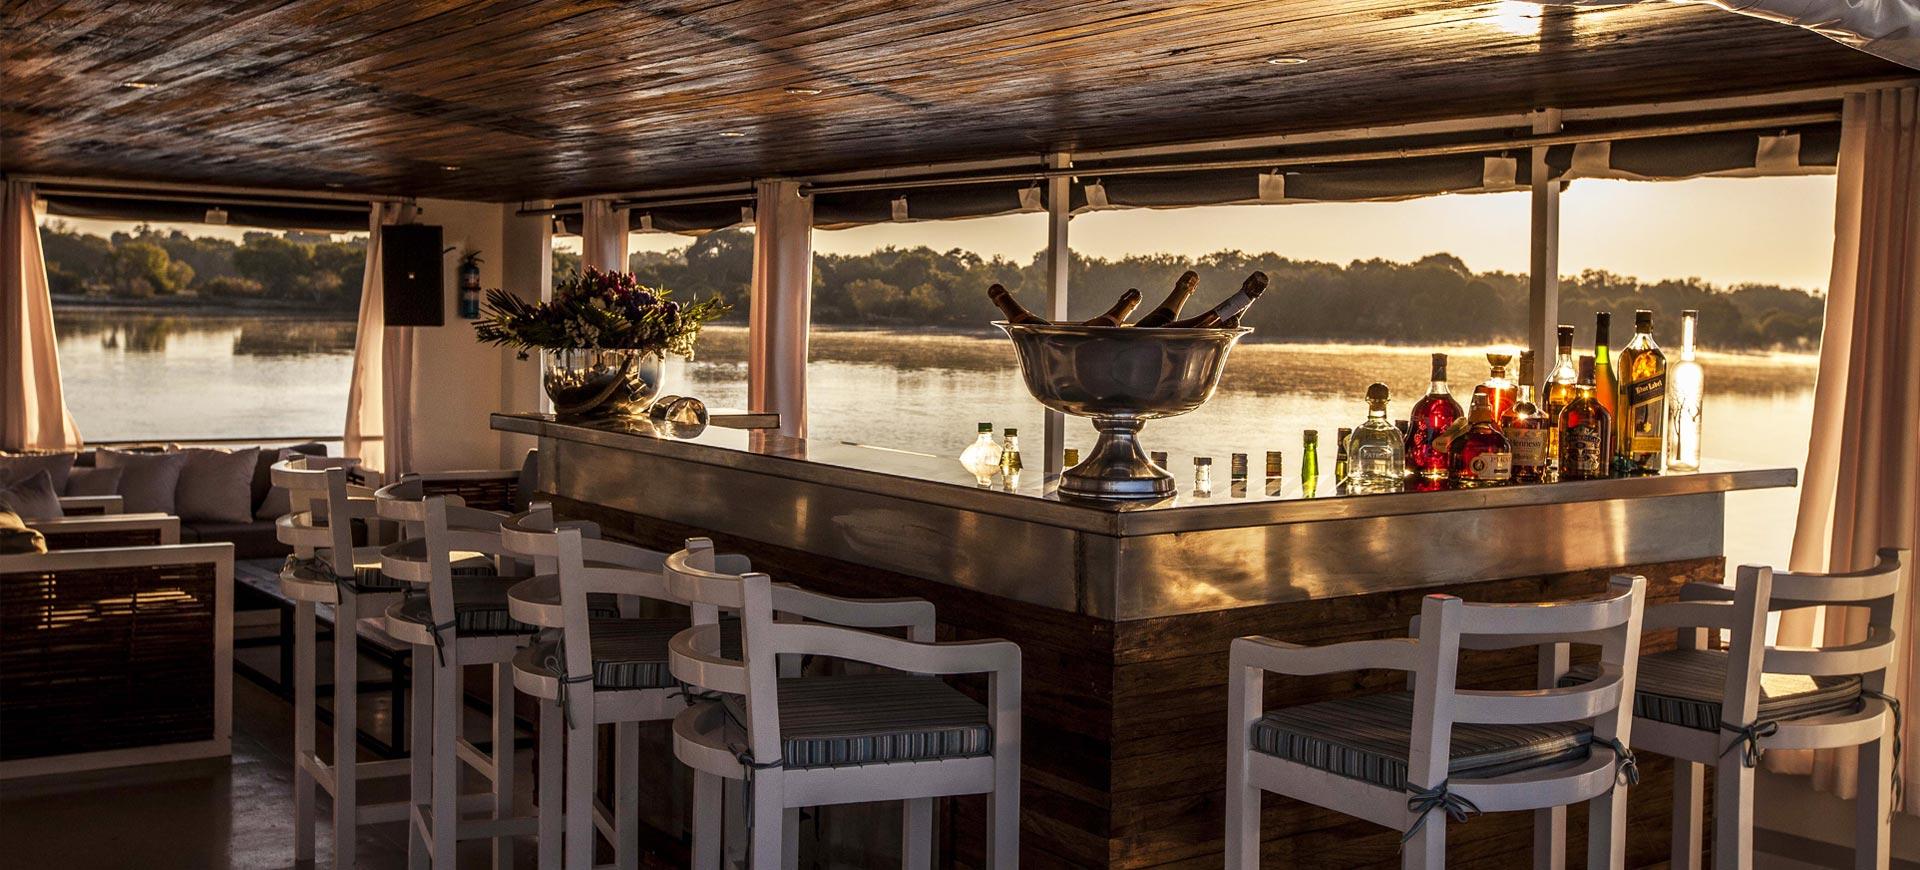 Zambezi River Signature Deck Cruise Victoria Falls